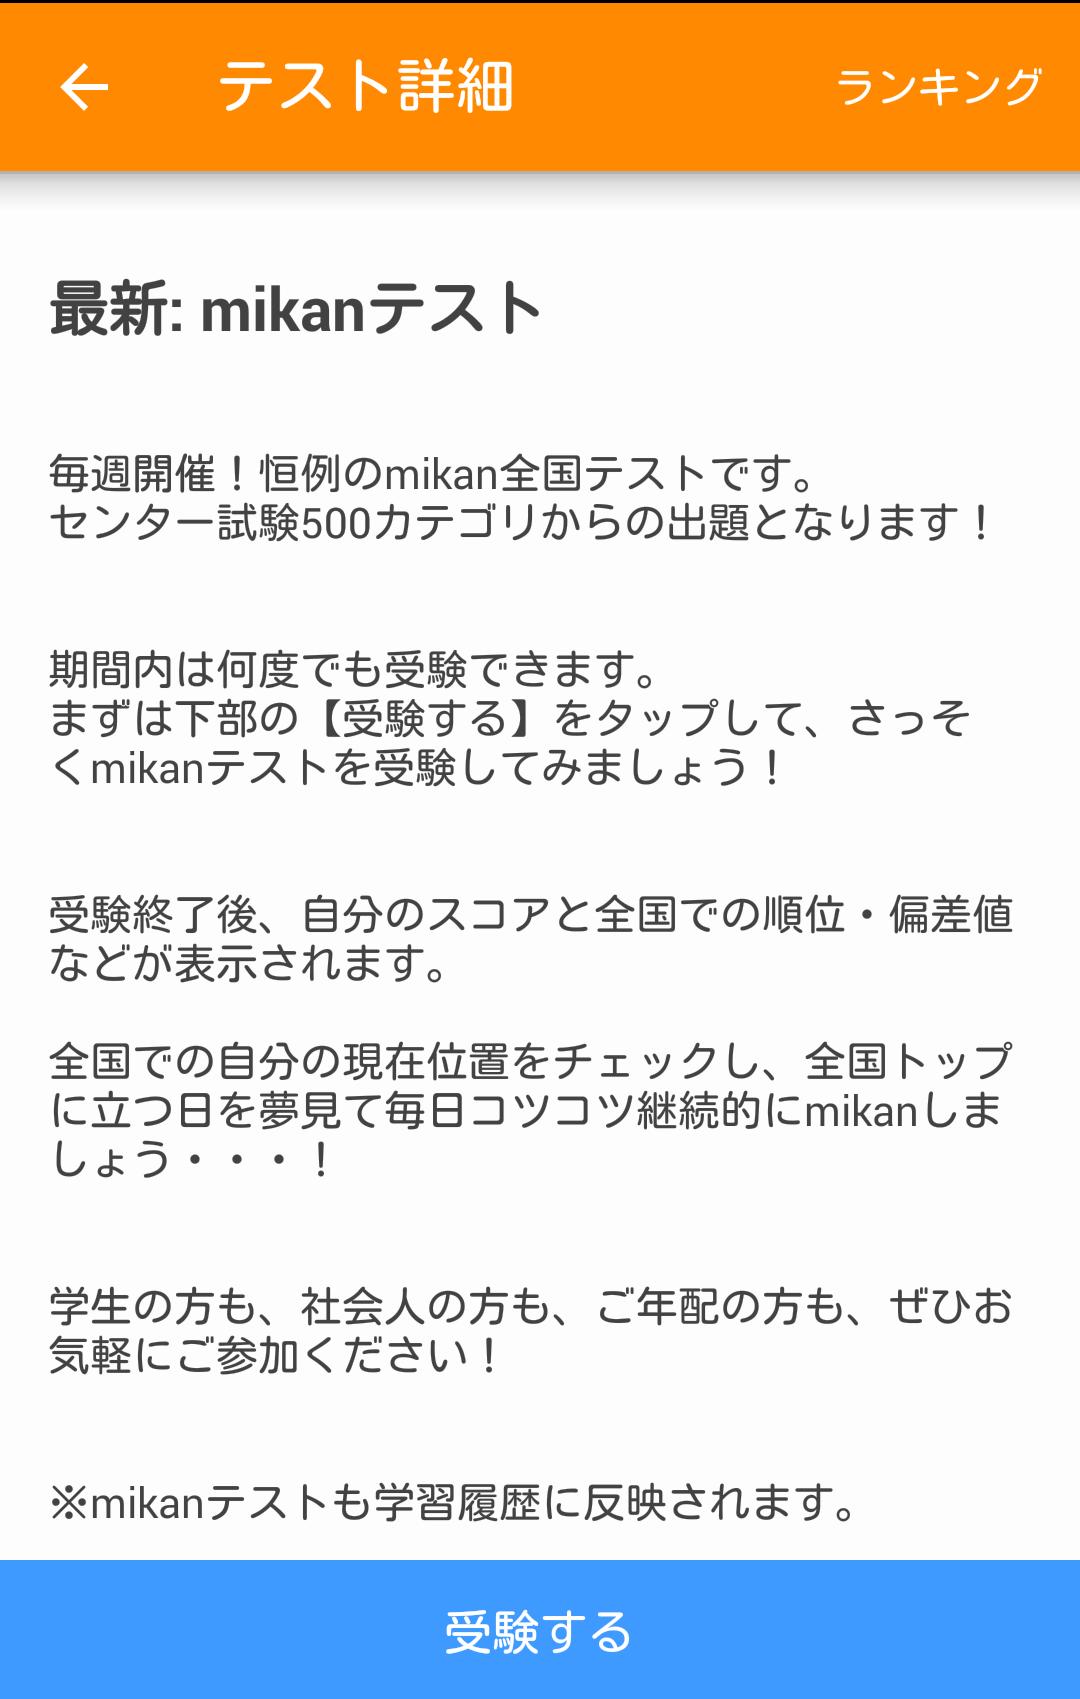 mikanテスト